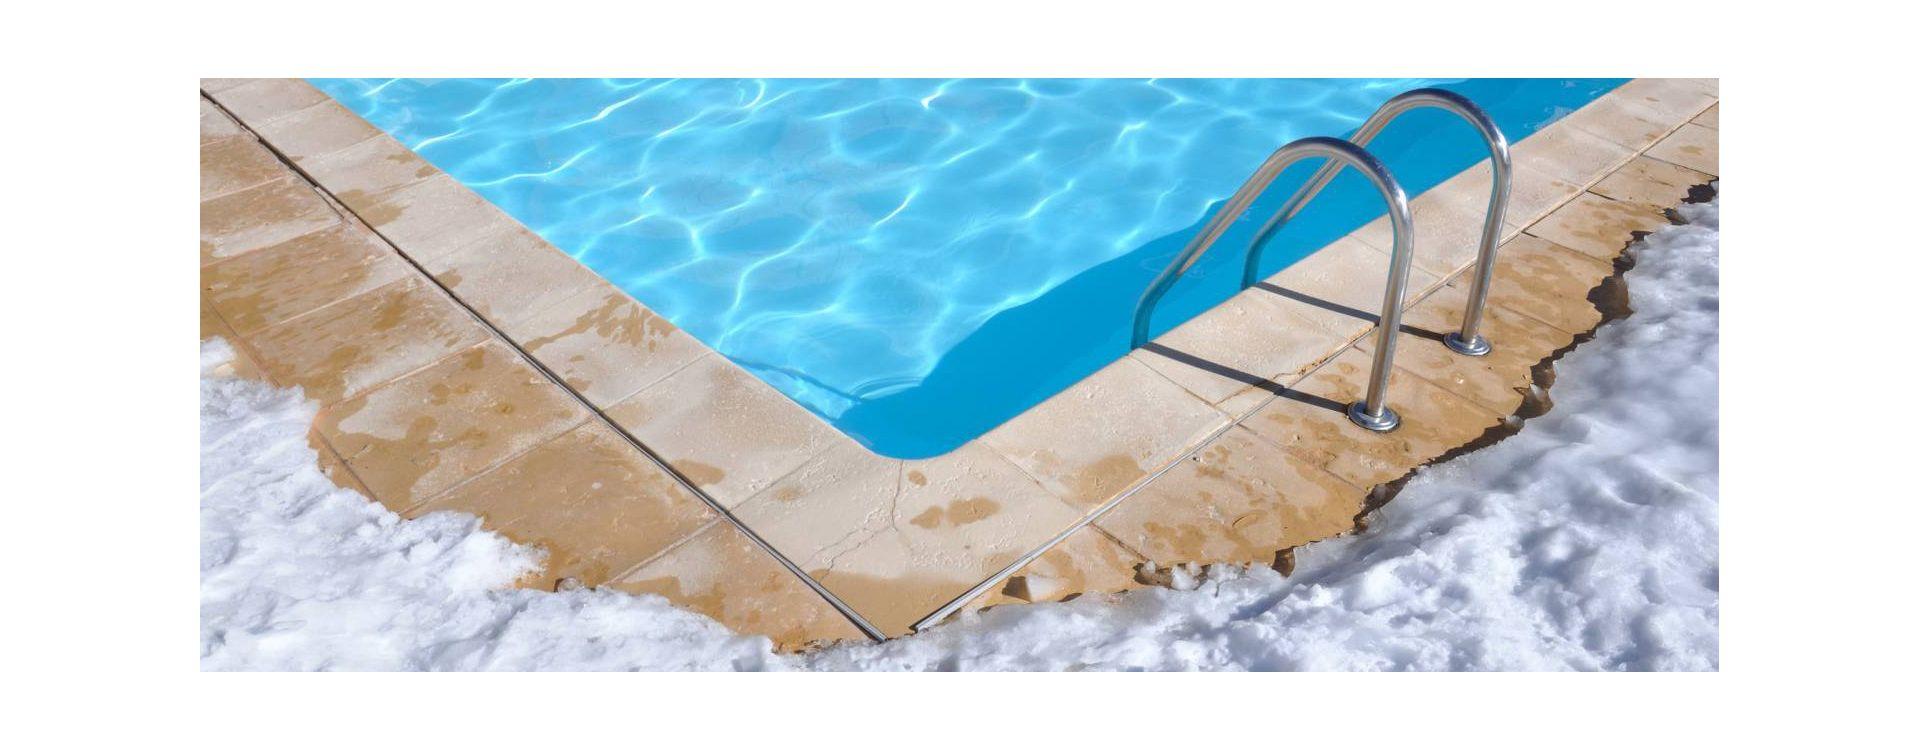 Produit d'hivernage pour piscine : comment l'utiliser ?